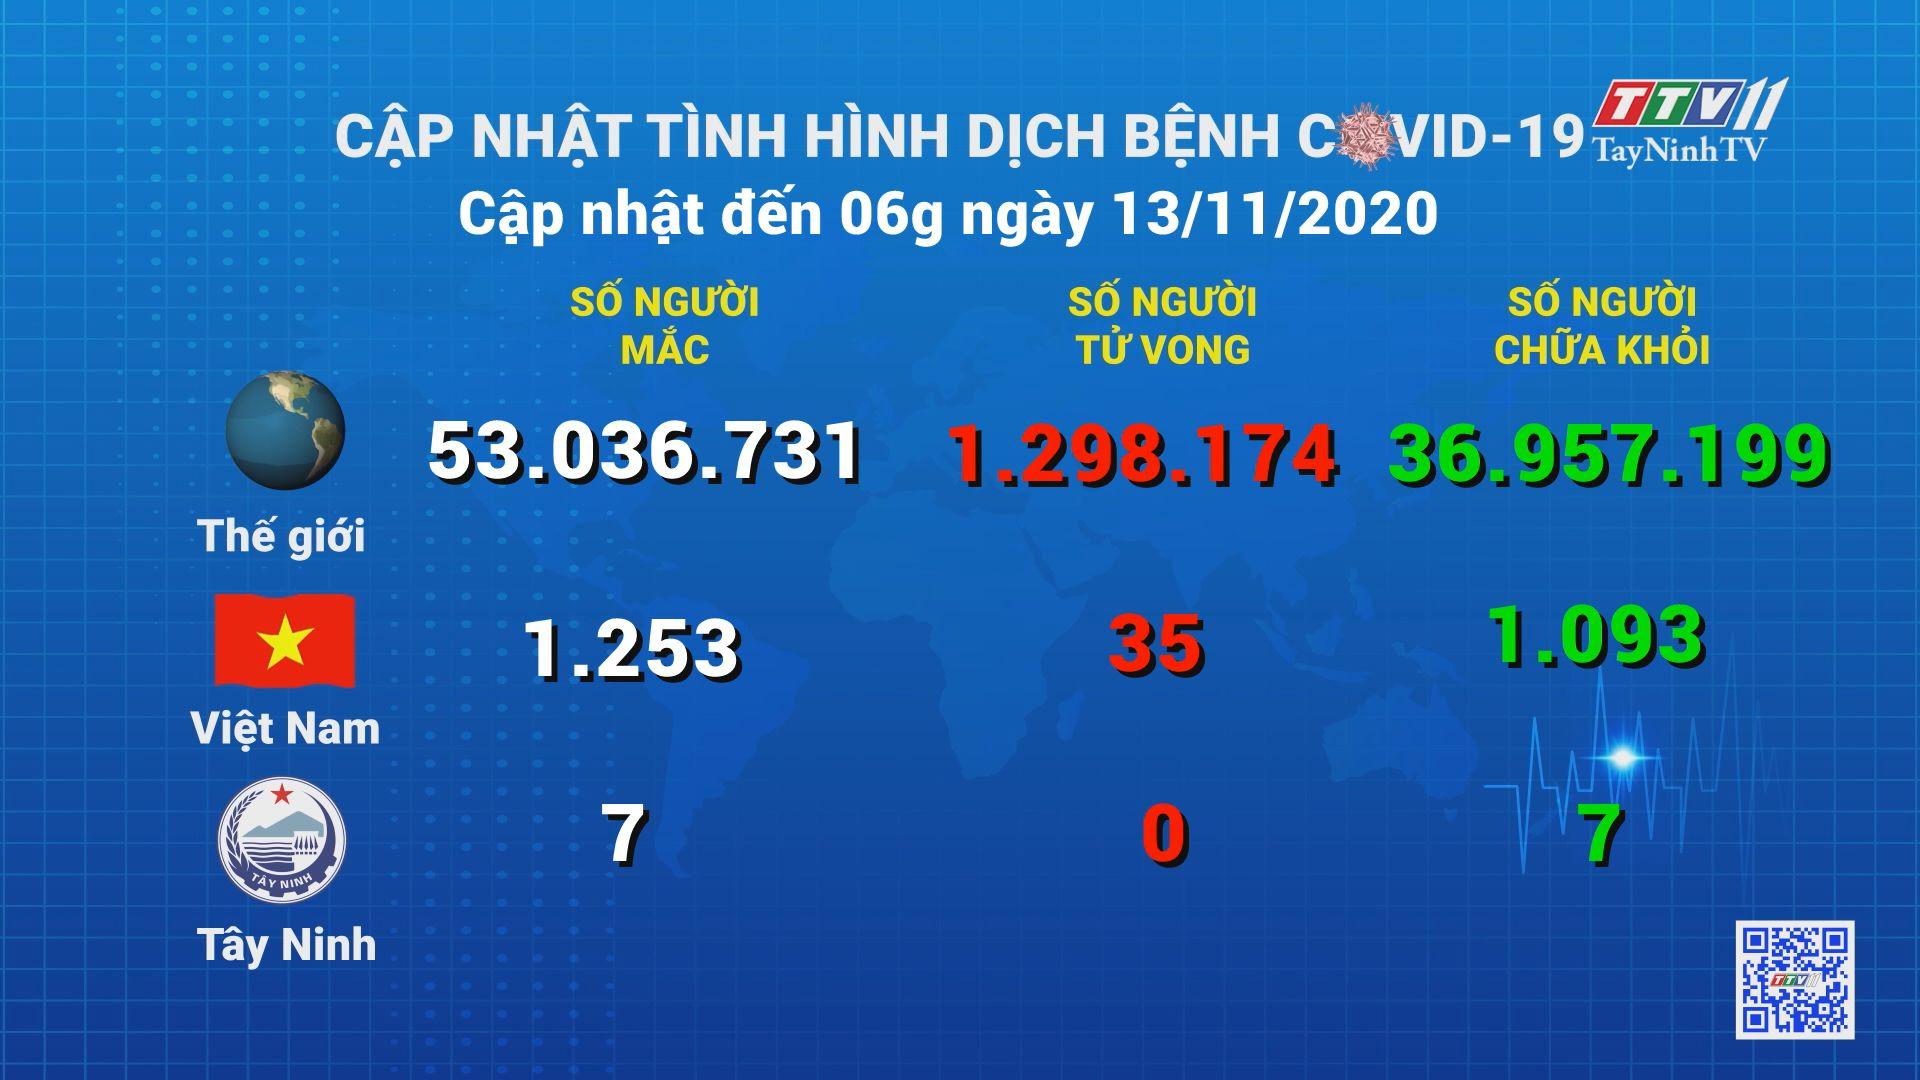 Cập nhật tình hình Covid-19 vào lúc 06 giờ 13-11-2020 | Thông tin dịch Covid-19 | TayNinhTV